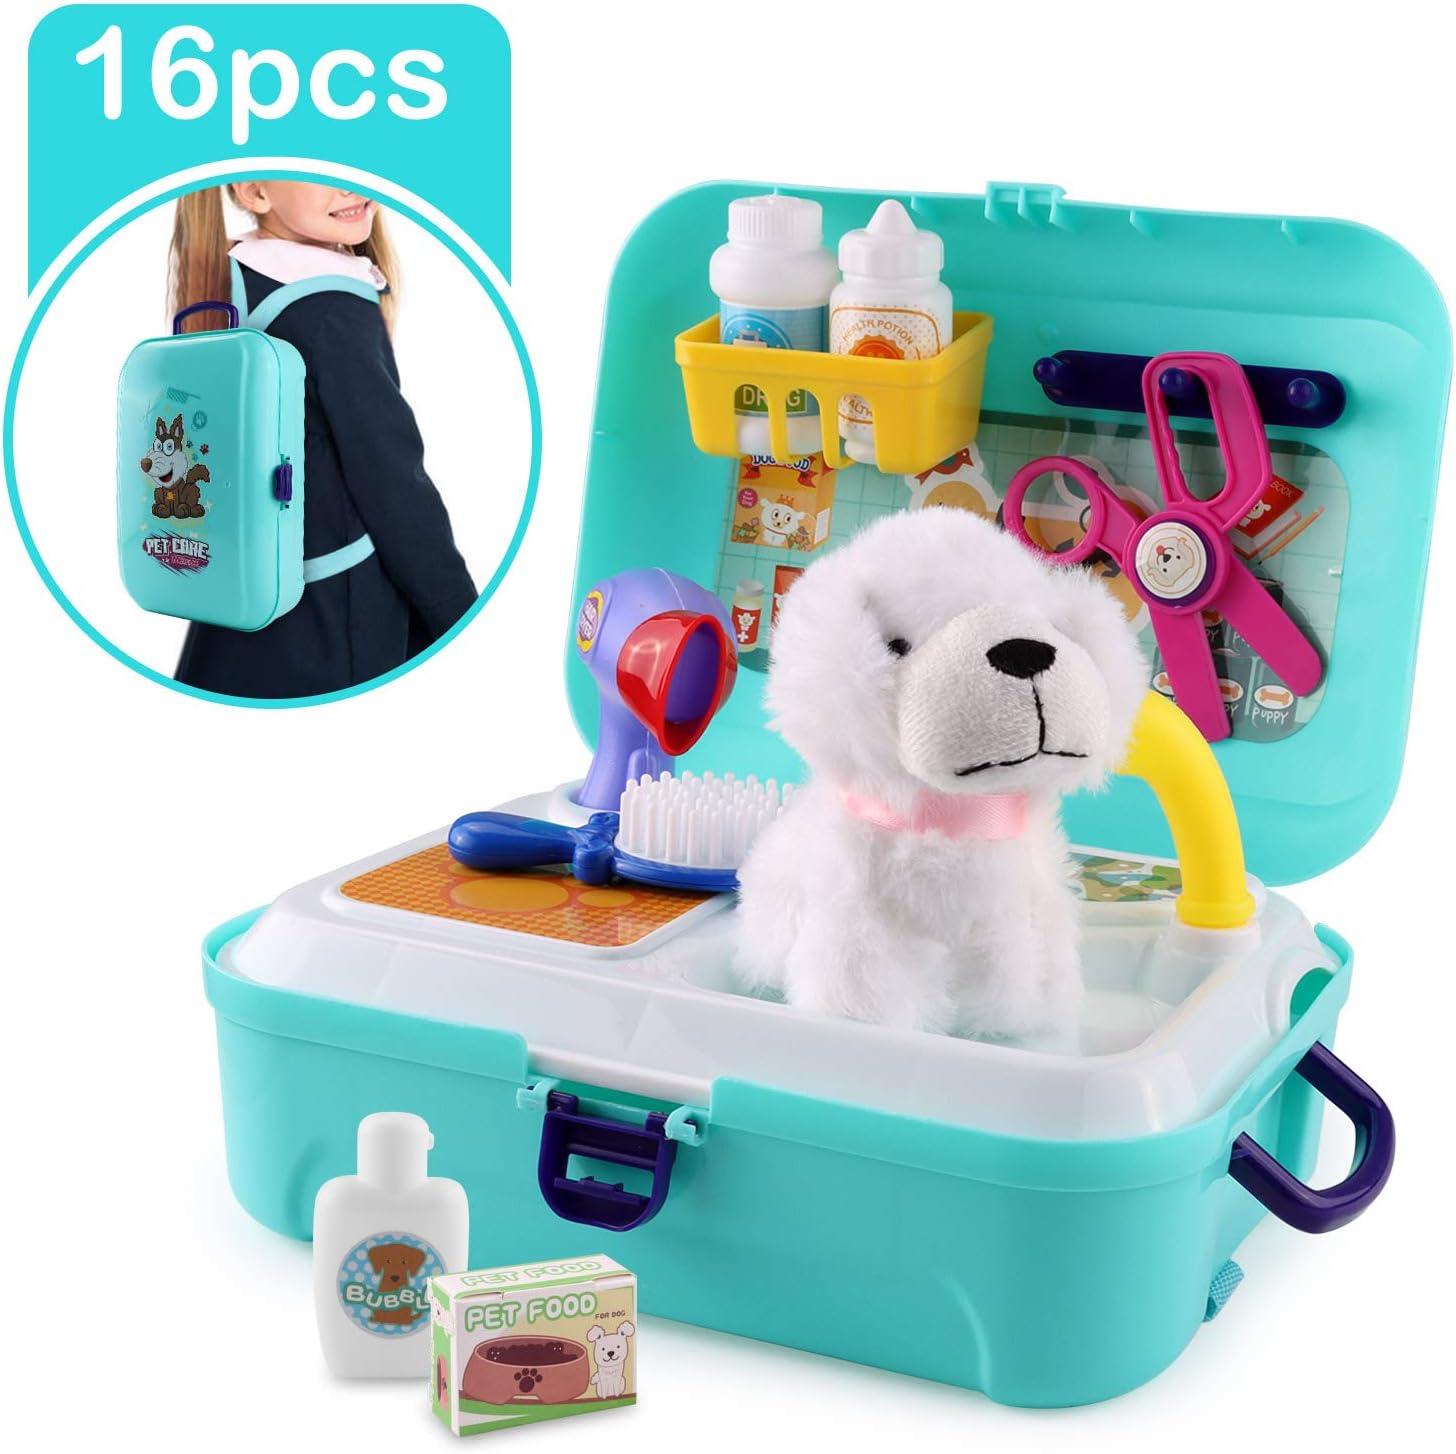 Satkago Maletín Veterinaria Perritos de medicos Juguetes, 16 pcs Dog Puppy Grooming Toys Kit de Juego de simulación Playset con Mochila Estuche de Juguete para niños pequeños Niños: Amazon.es: Juguetes y juegos